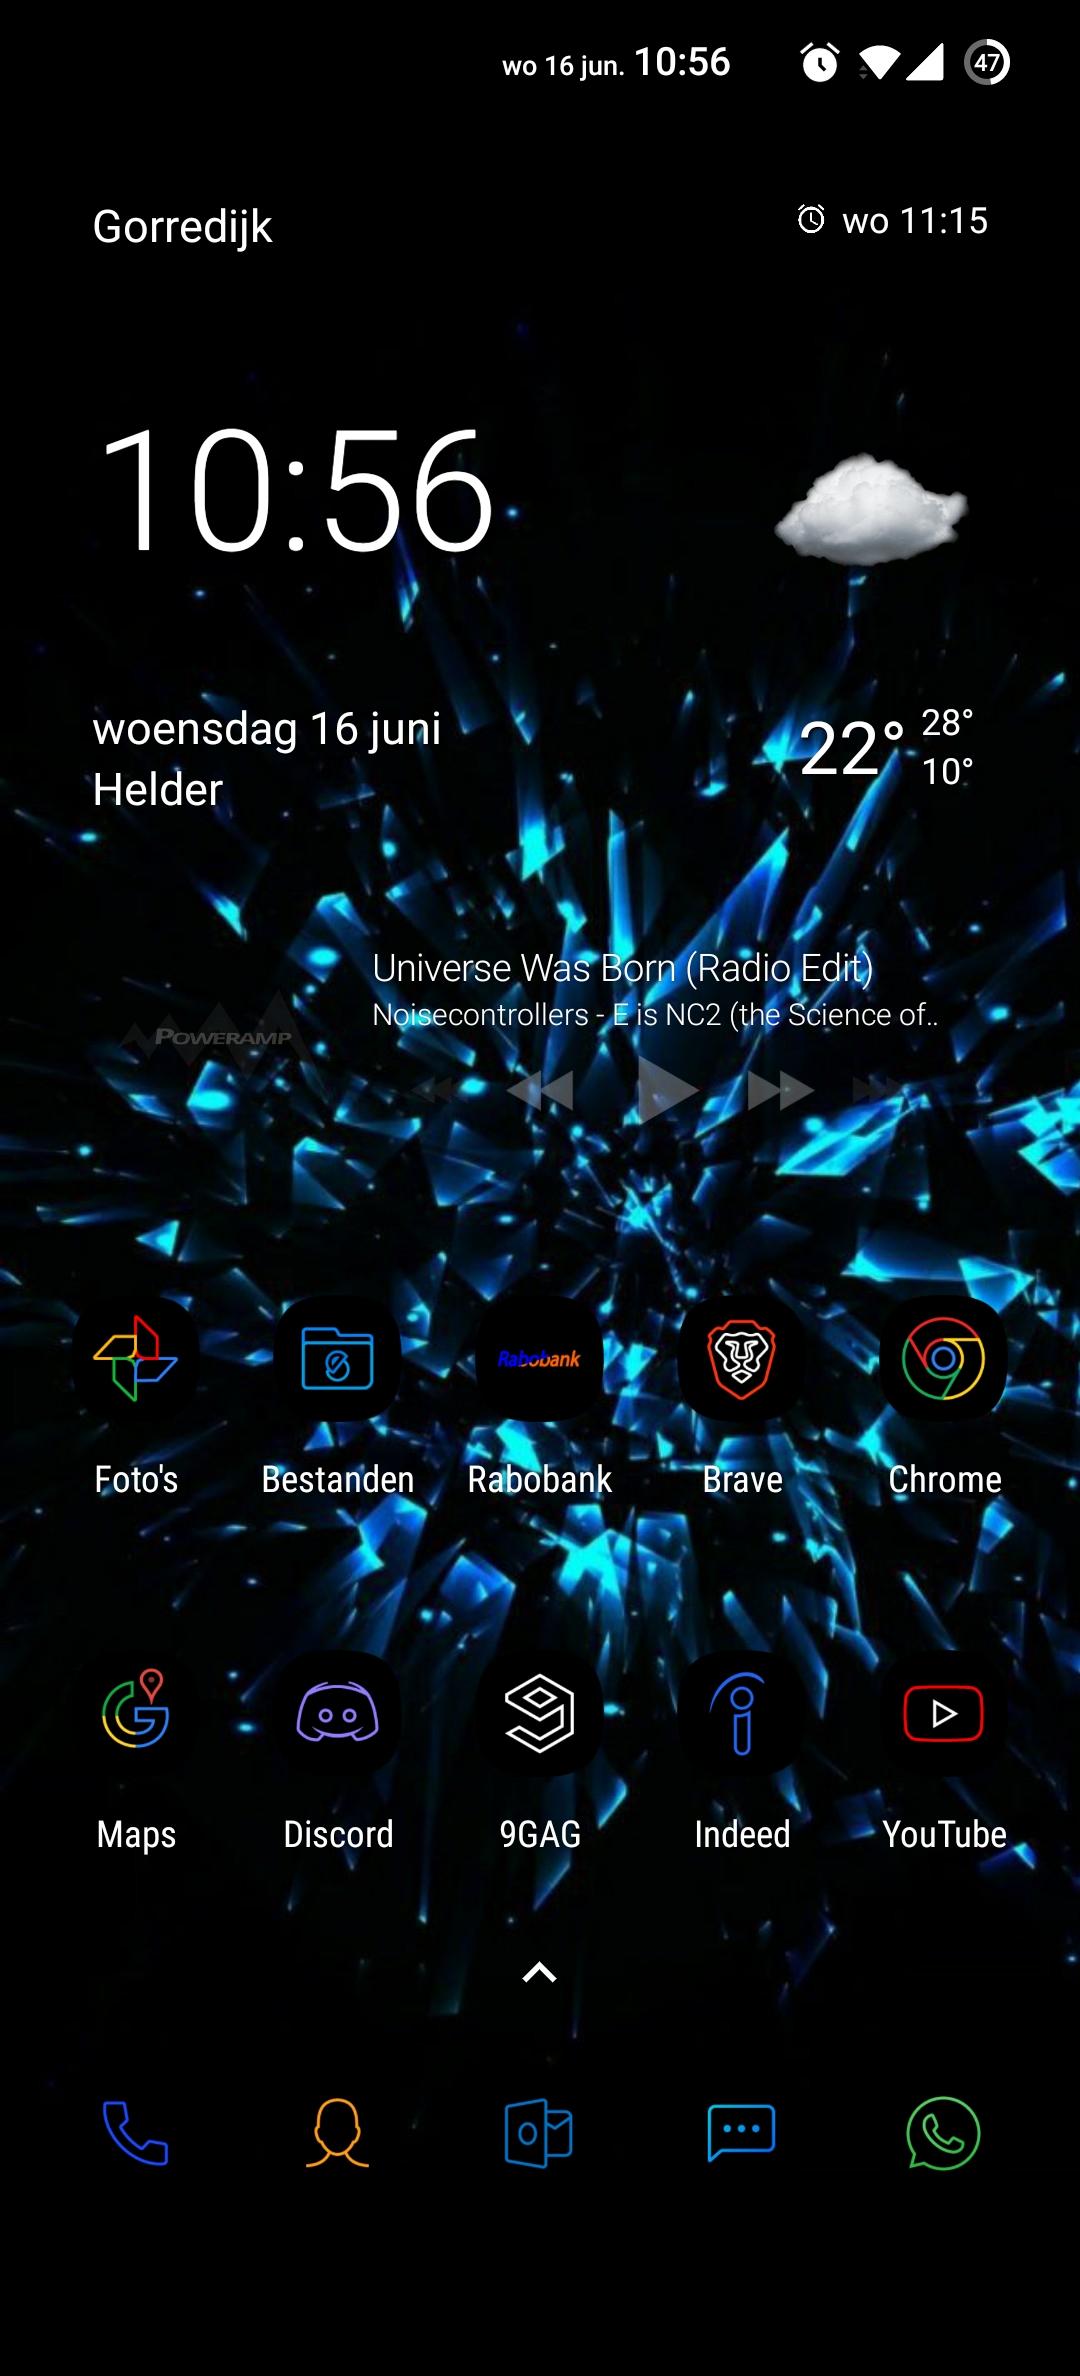 Screenshot_20210616-105622.jpg